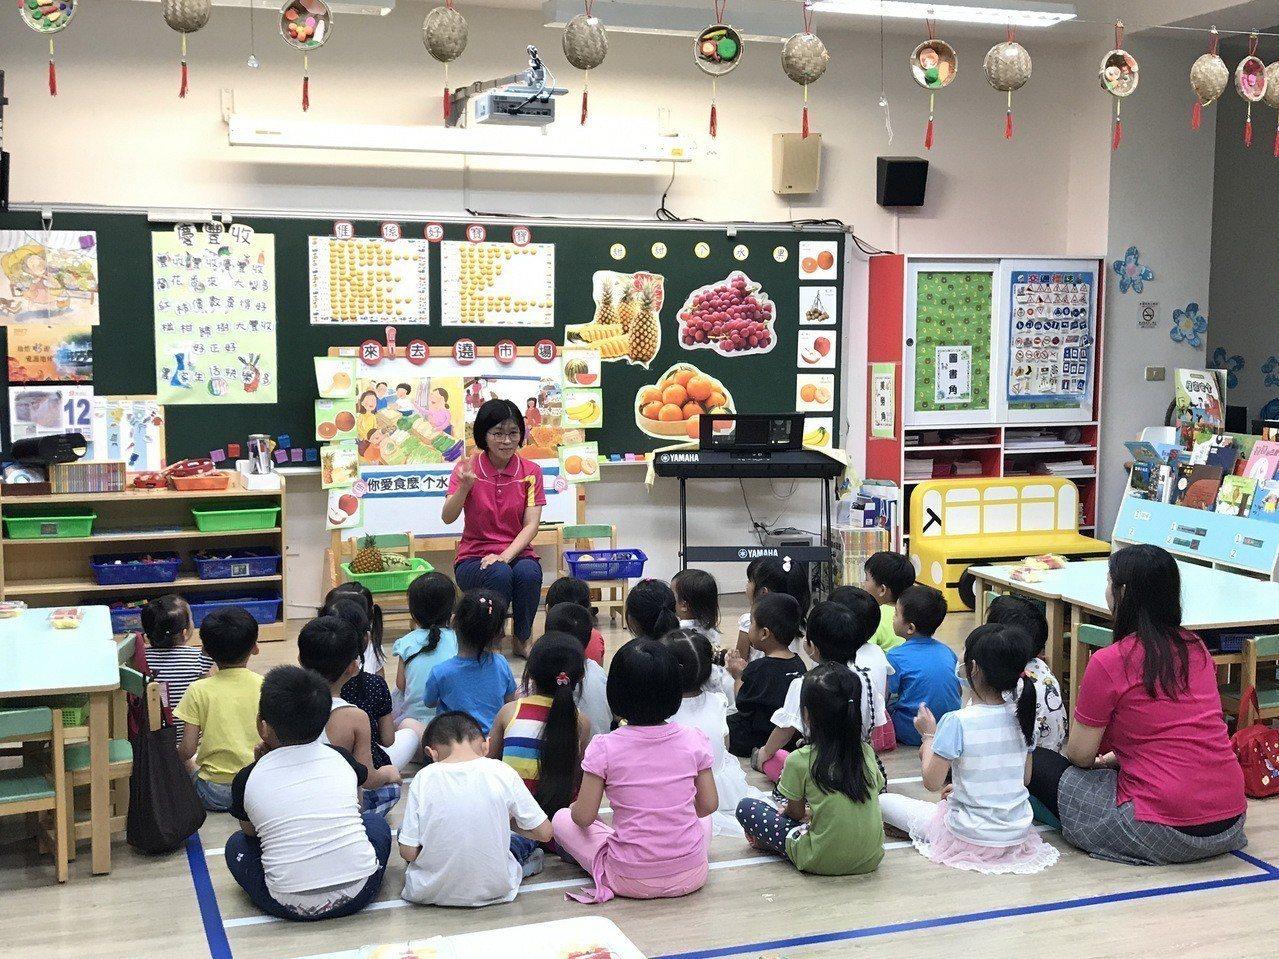 行政院推動準公共化幼兒園,六都明年才上路。中央要求106-109年台中非營利幼兒...